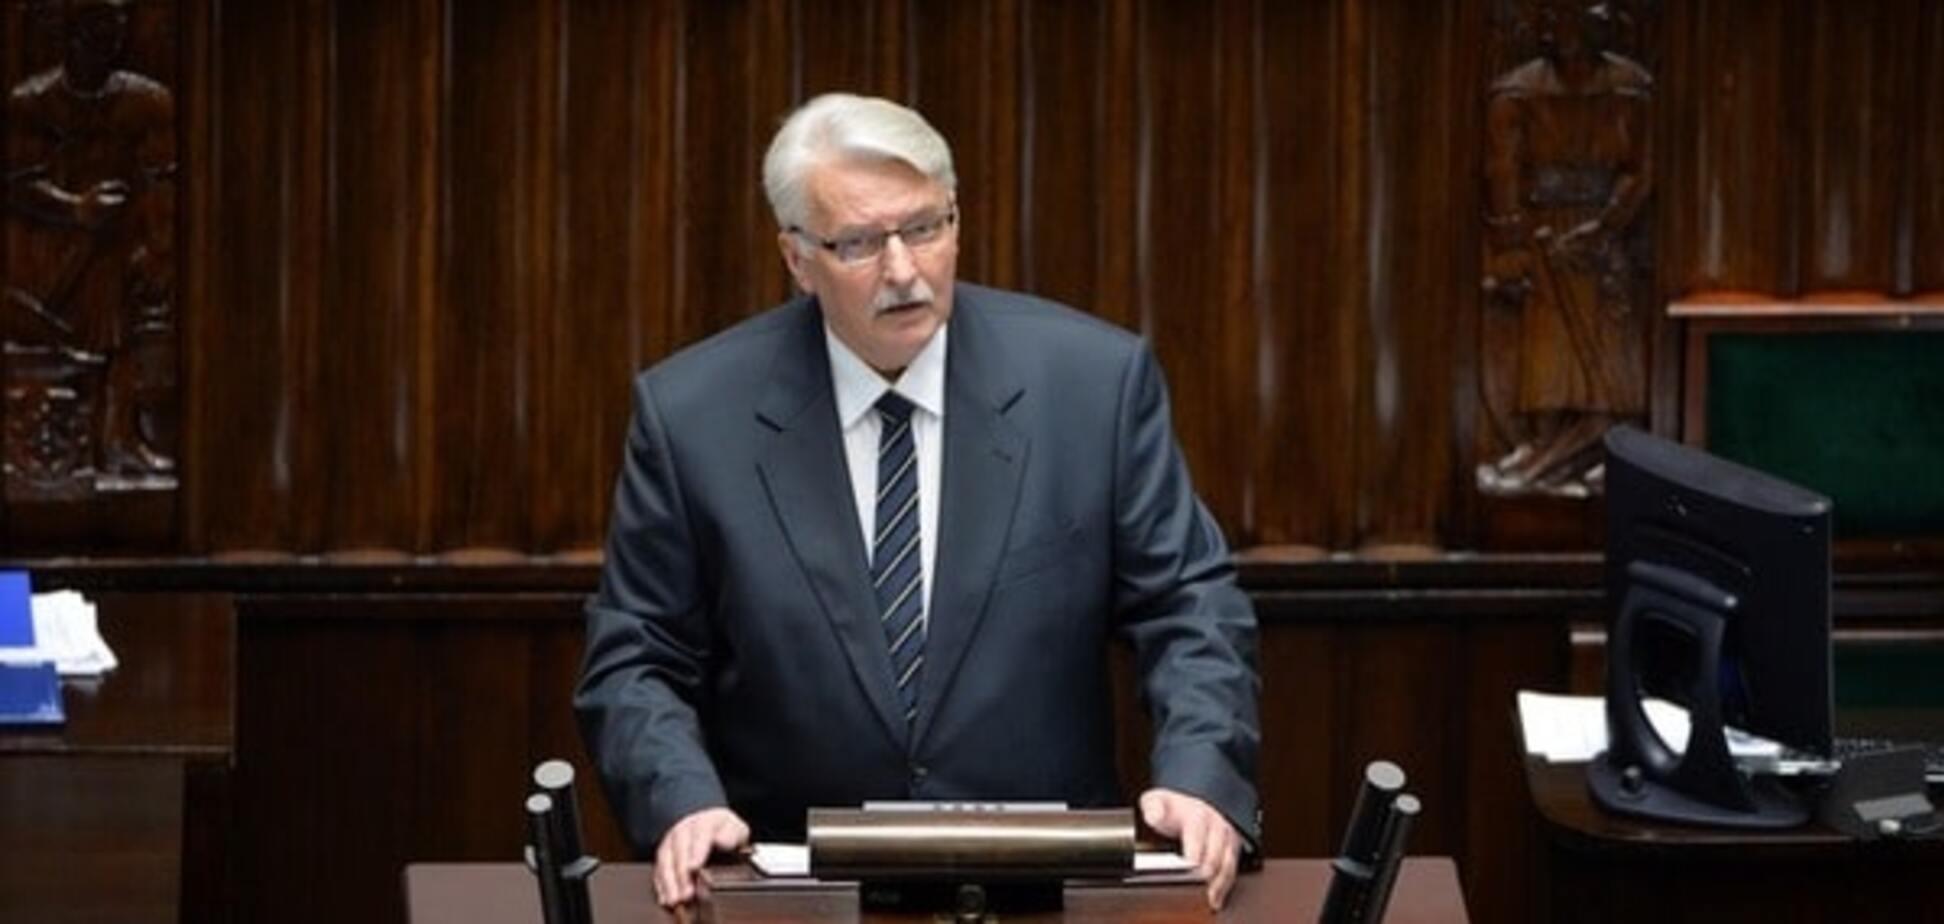 С глазу на глаз: посол России пожелал встретиться с главой МИД Польши